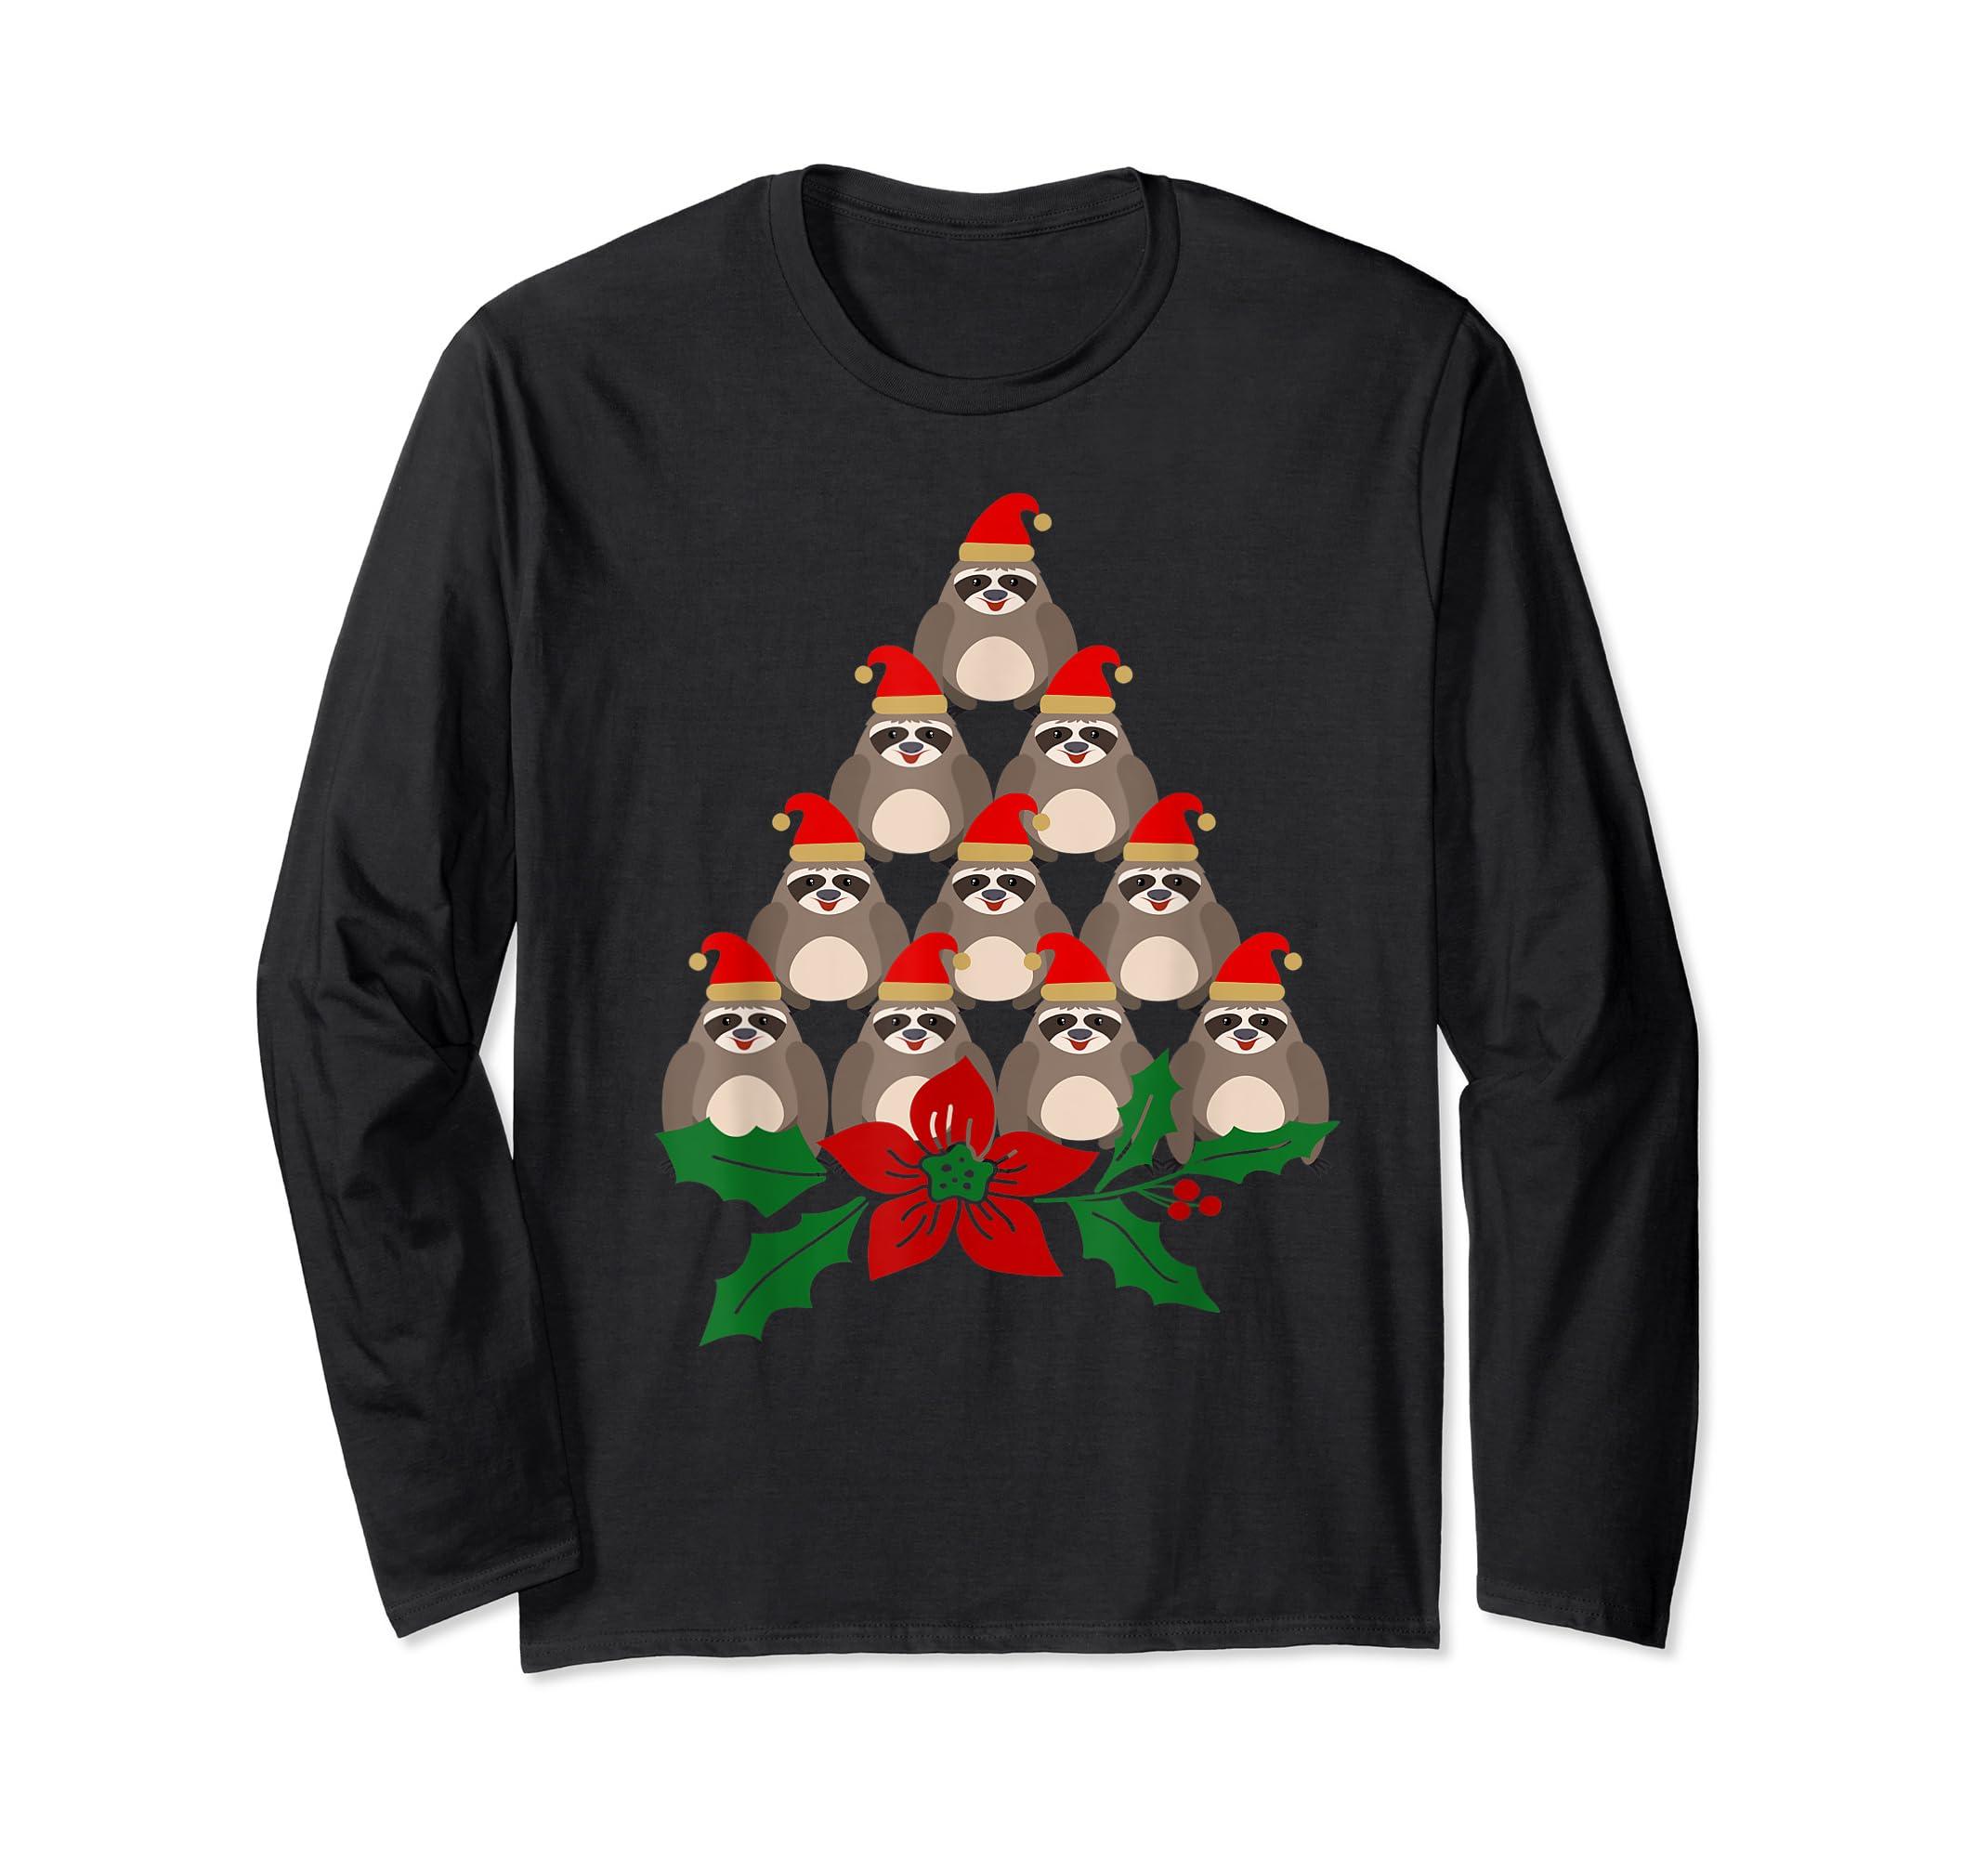 Sloth Christmas Tree Xmas Lover T-Shirt-Long Sleeve-Black